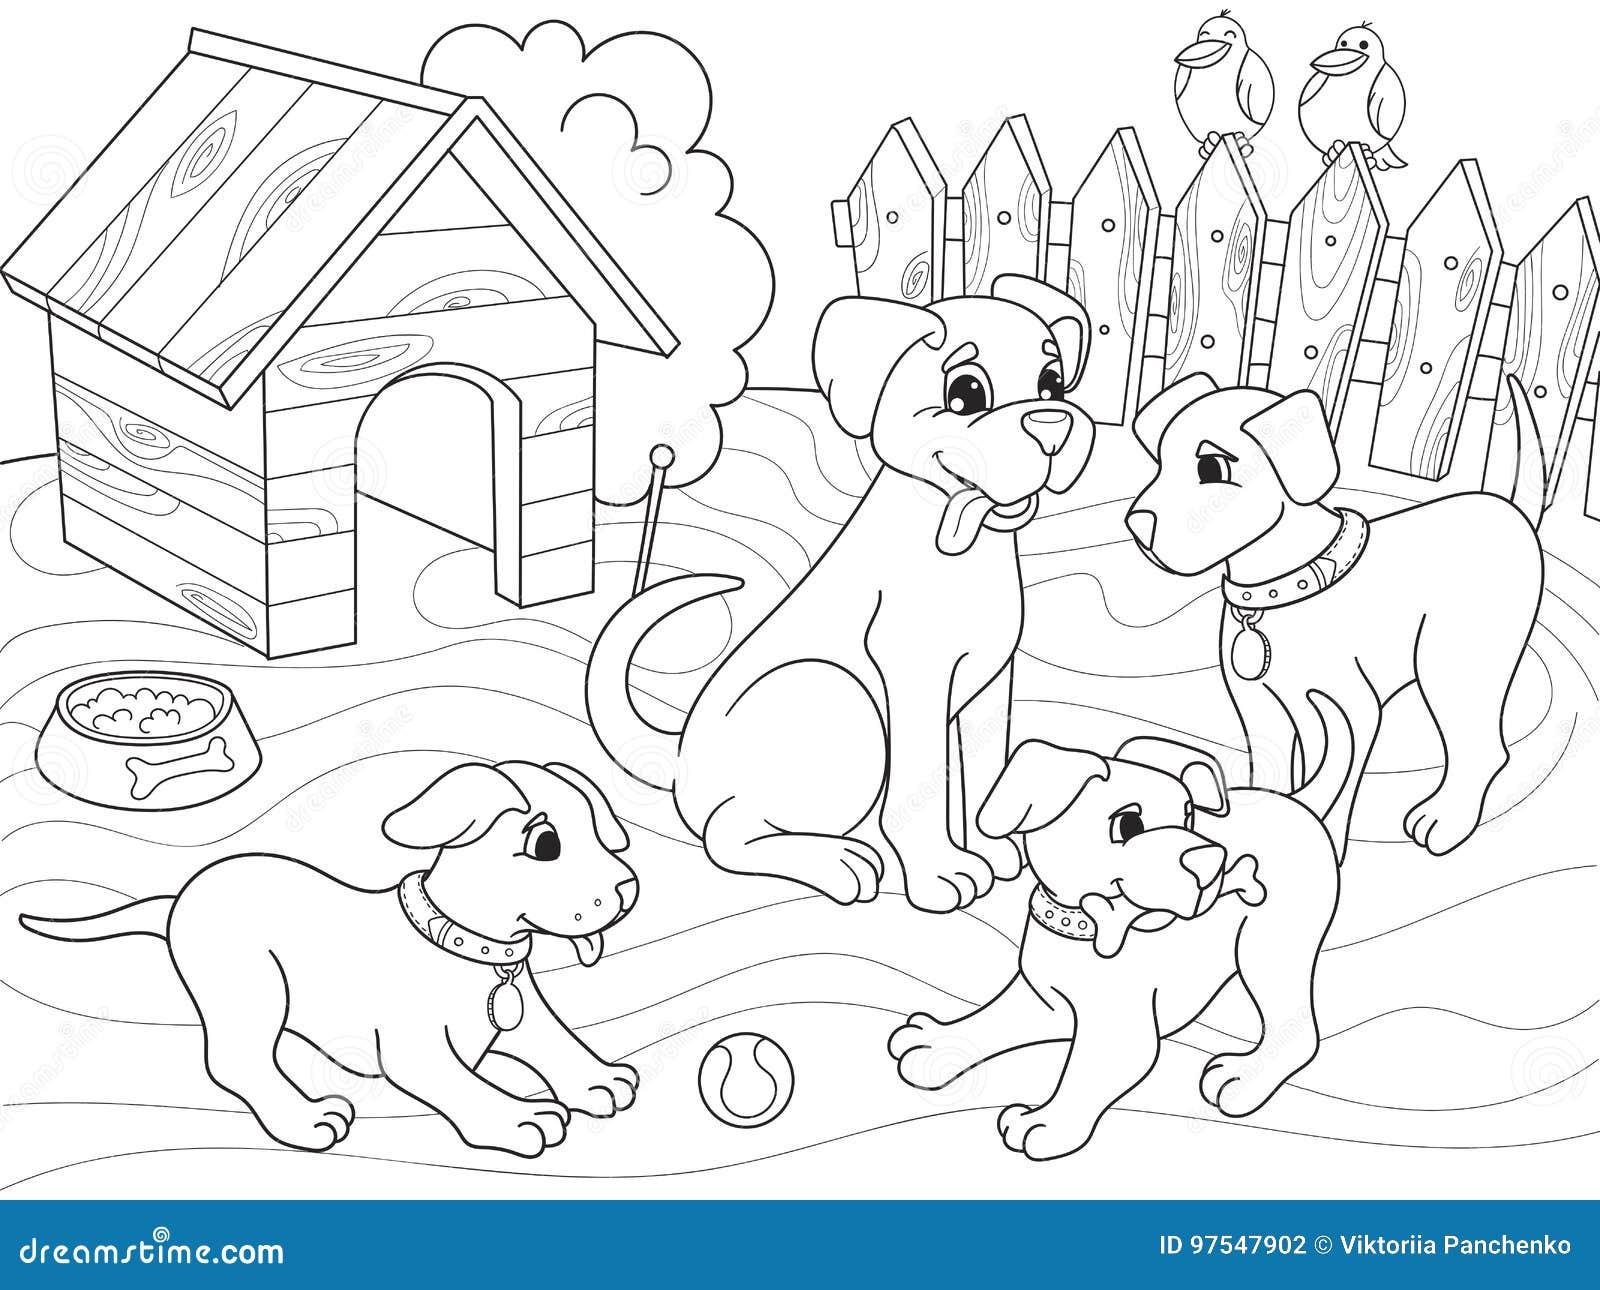 Coloriage Famille Animaux.Famille De Bande Dessinee De Livre De Coloriage Des Enfants Sur La